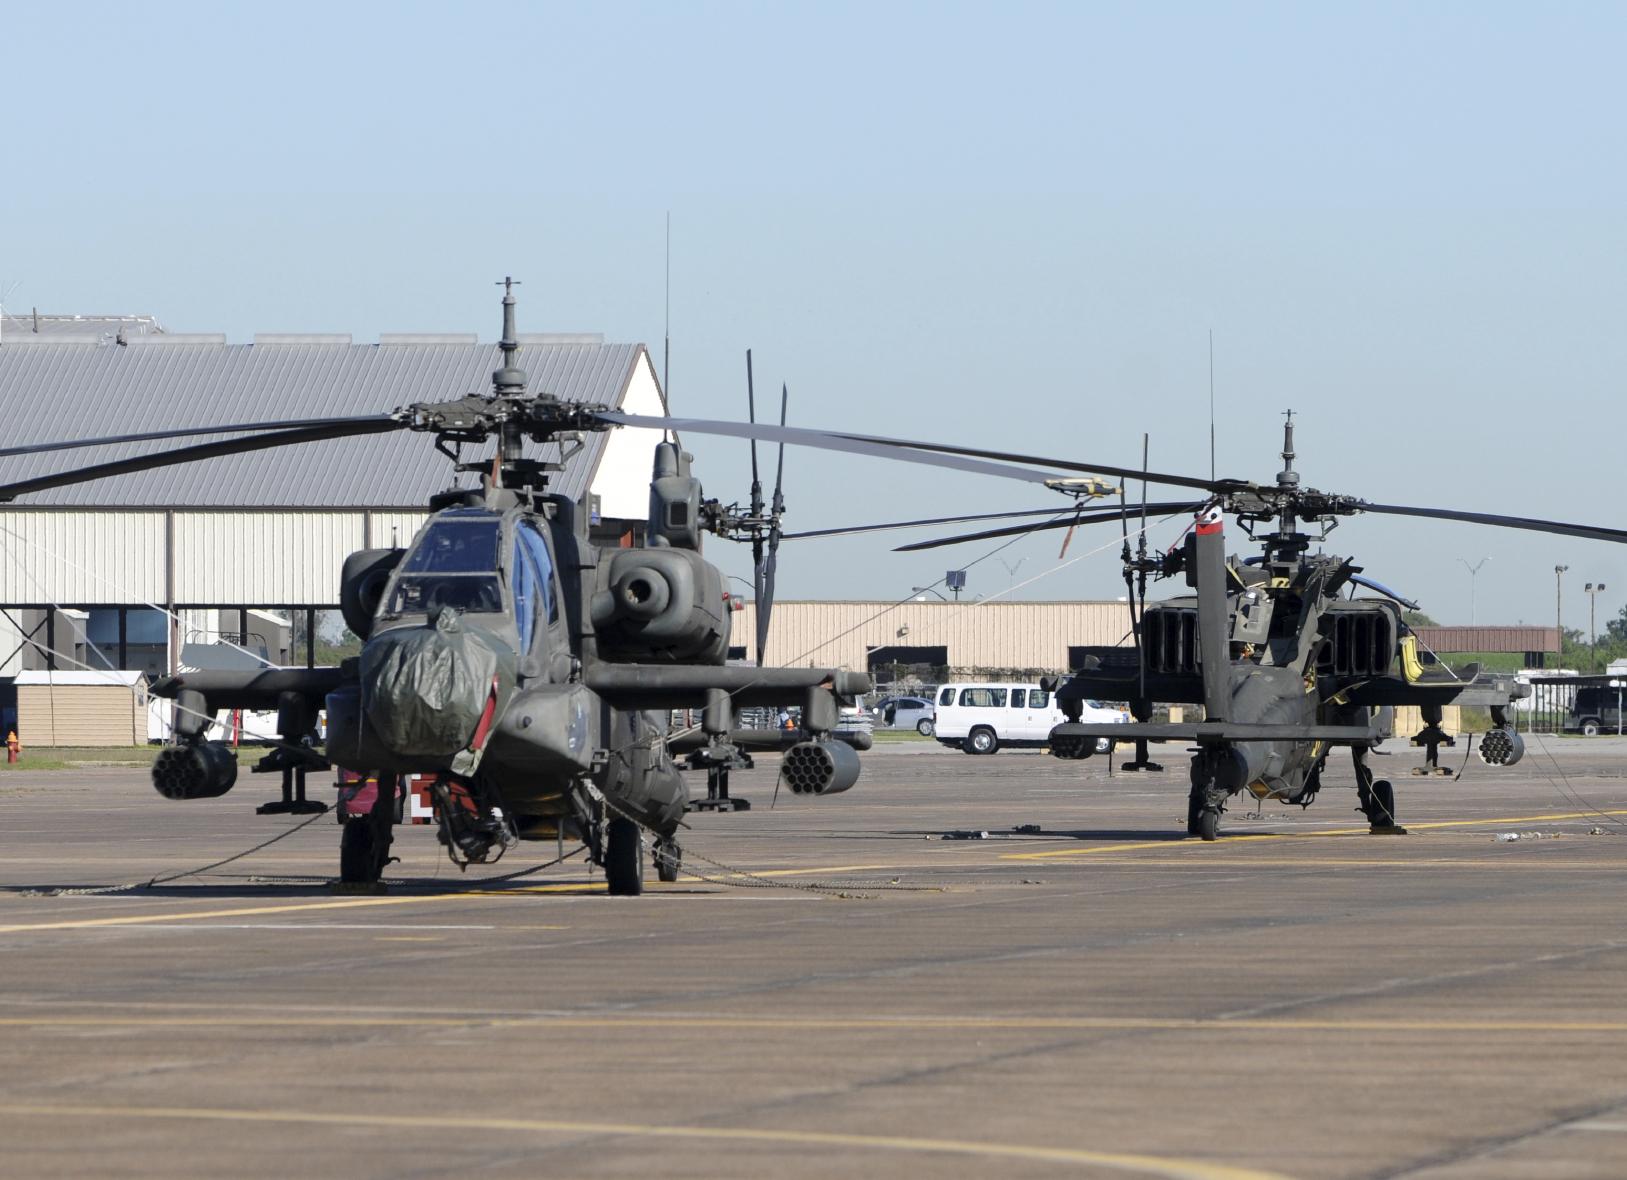 Military attack helicopters - Barnett, Lerner, Karsen ...